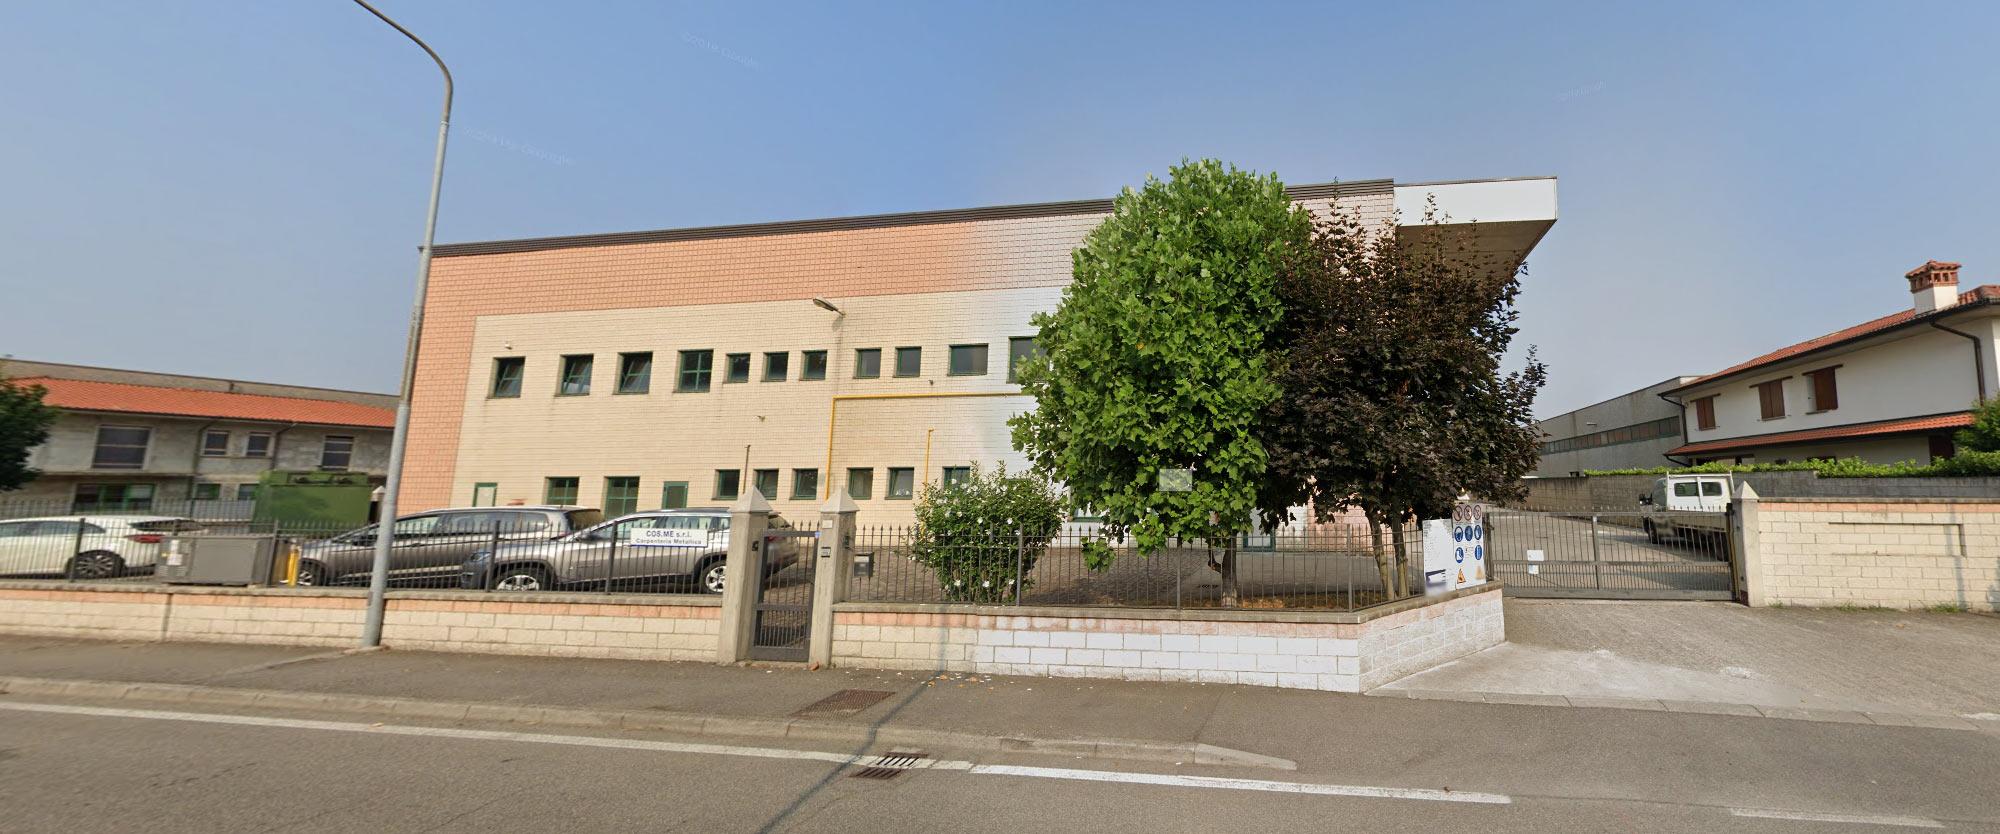 COSME CARPENTERIA Adro - Brescia